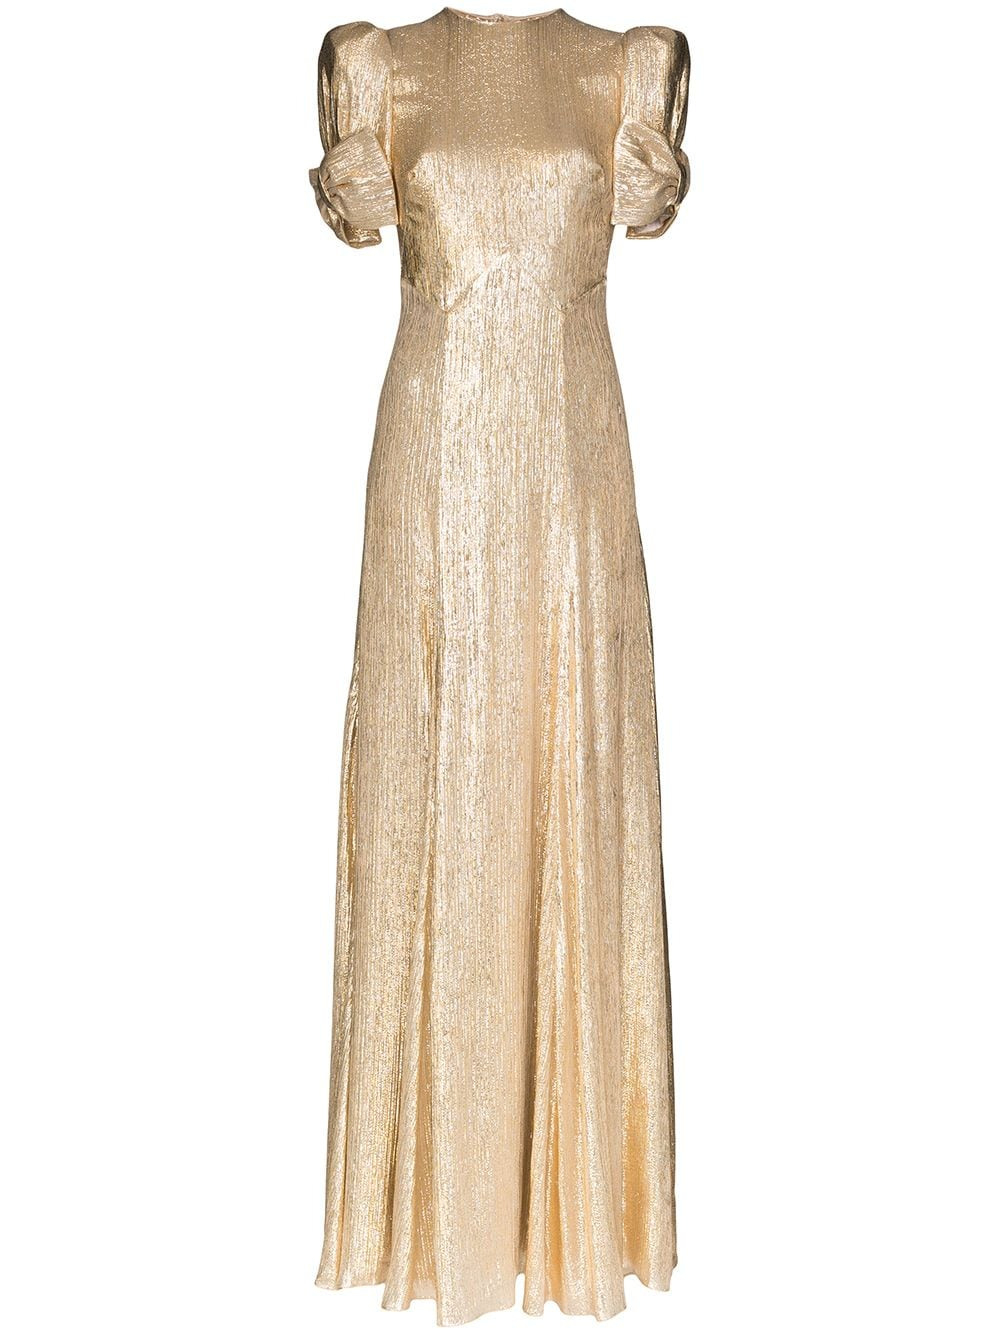 13 Schön Abendkleider Gold Vertrieb10 Perfekt Abendkleider Gold Stylish